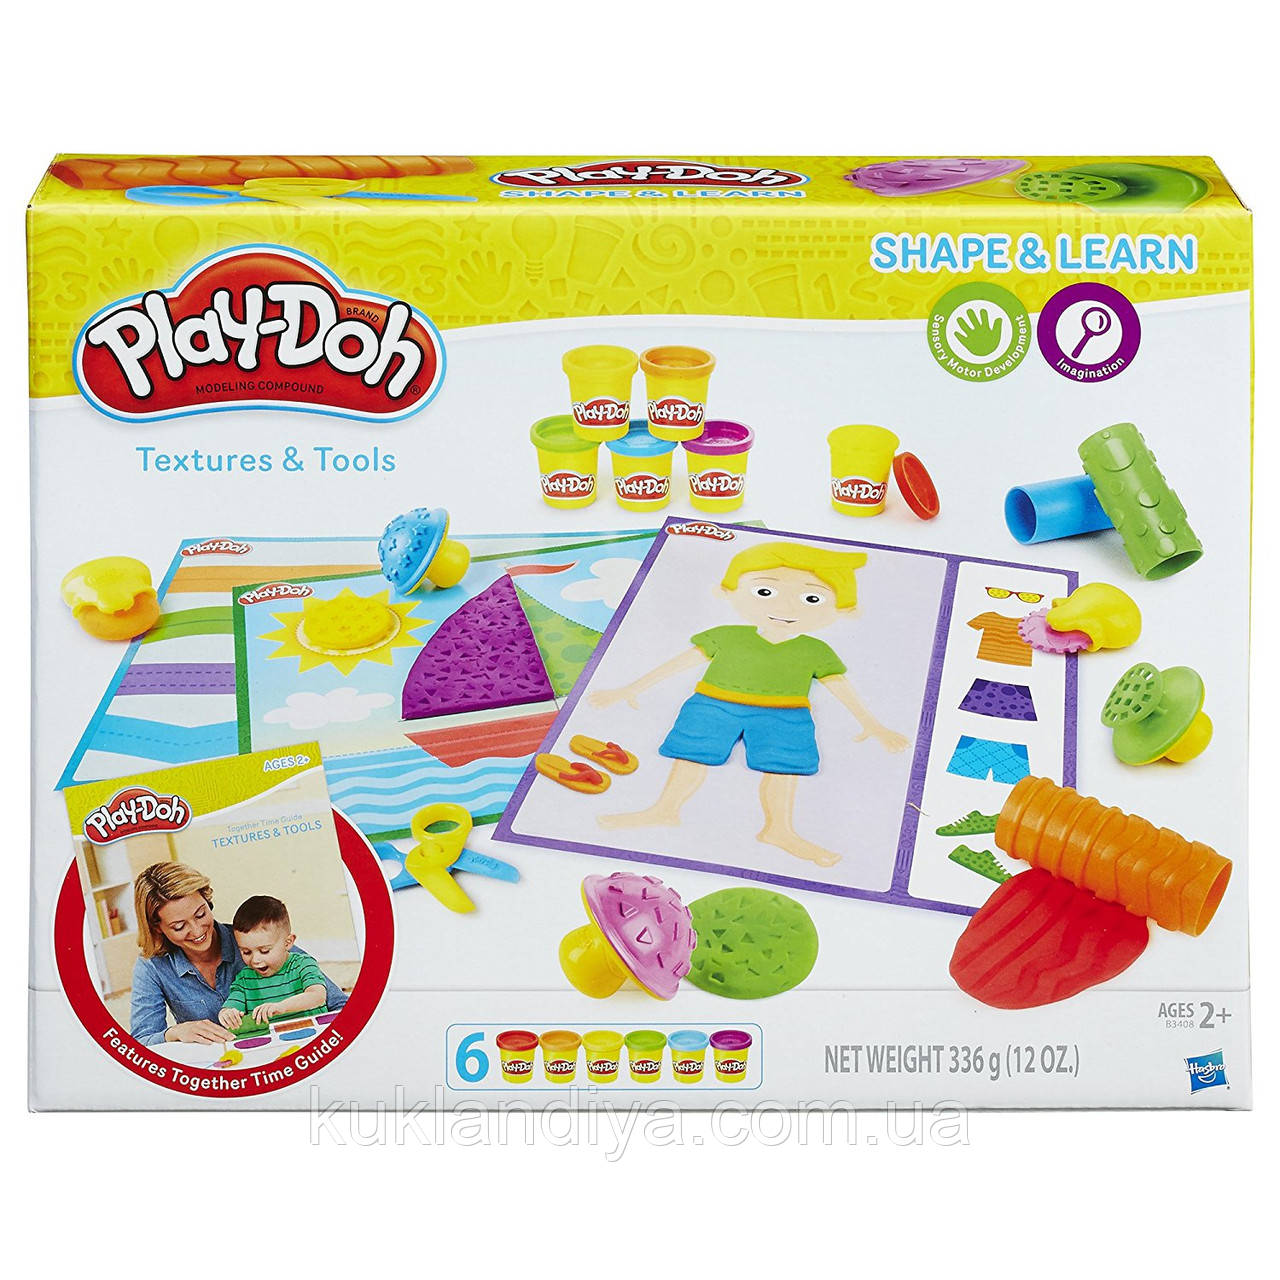 Набор Play-Doh изучаем форму, текстуру и инструменты